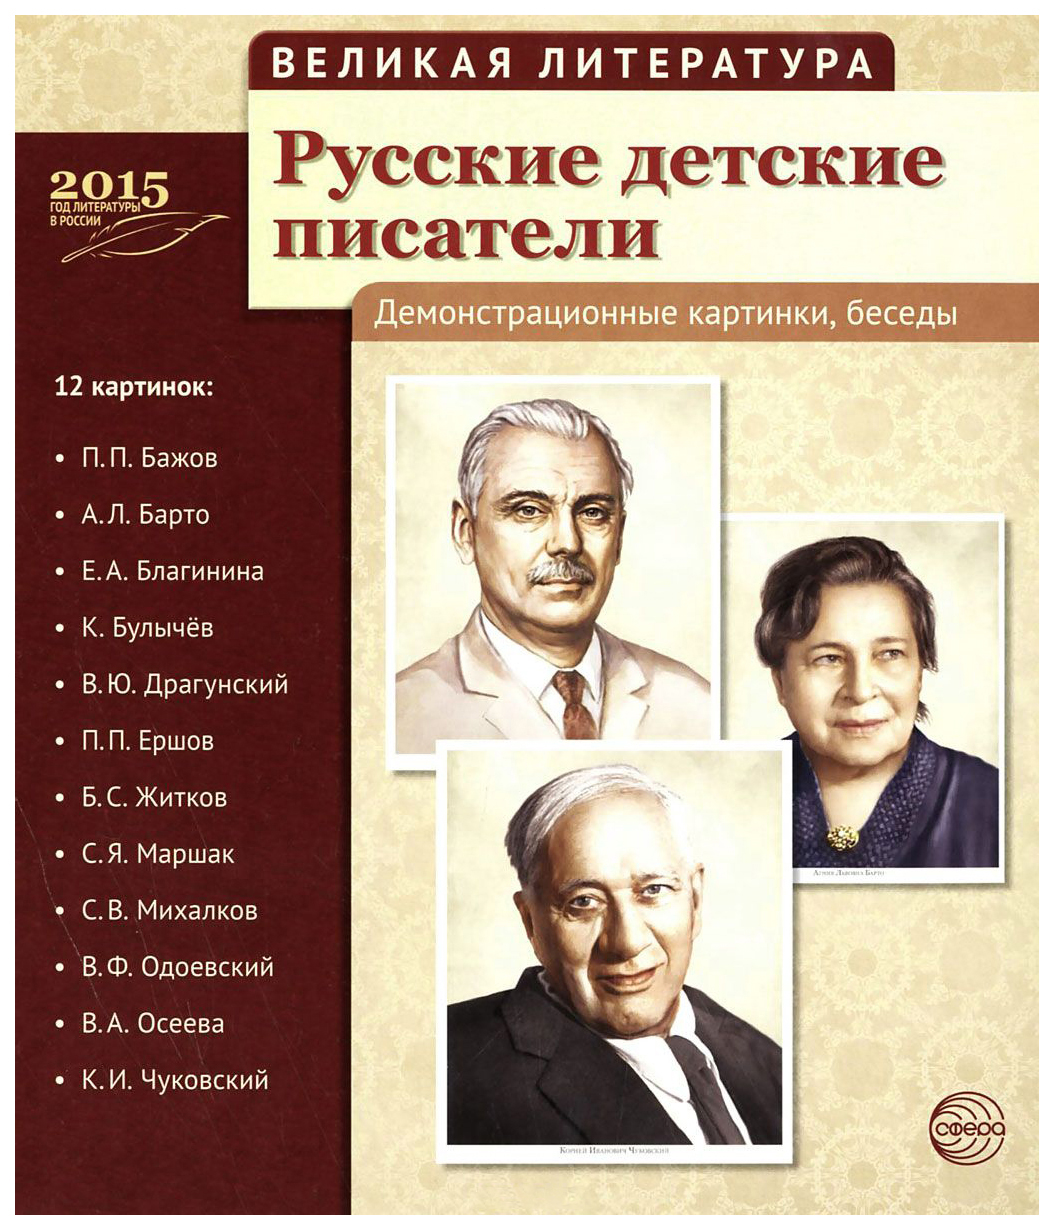 Сфера тц Великая литература, Русские Детские писатели, 12 Демонстрациоонных картинок С тек